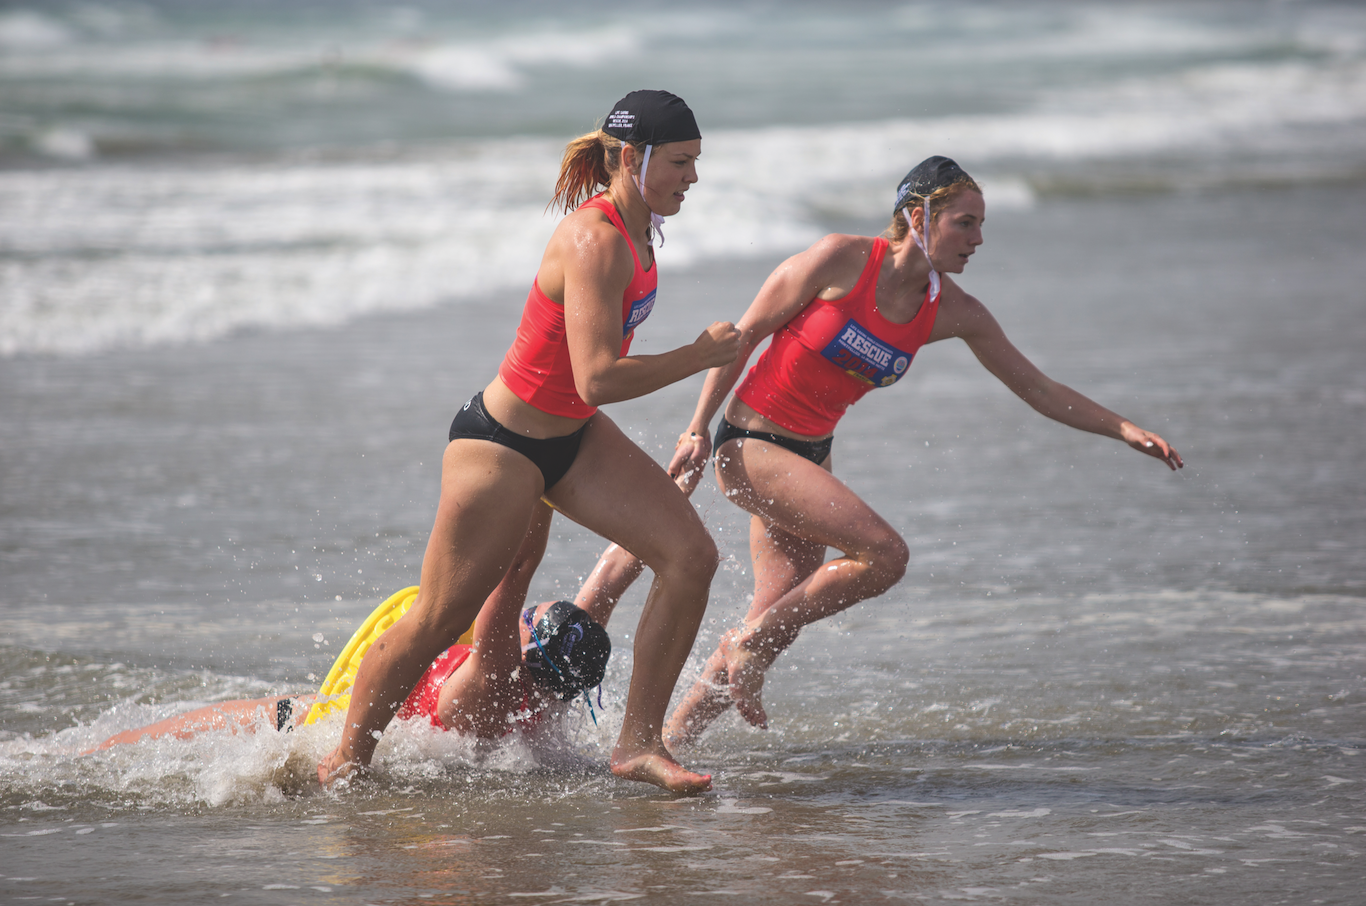 Peu connu, le sauvetage aquatique constitue une discipline sportive pour laquelle de véritables athlètes s'entraînent au quotidien pour préparer les rencontres nationales et internationales.